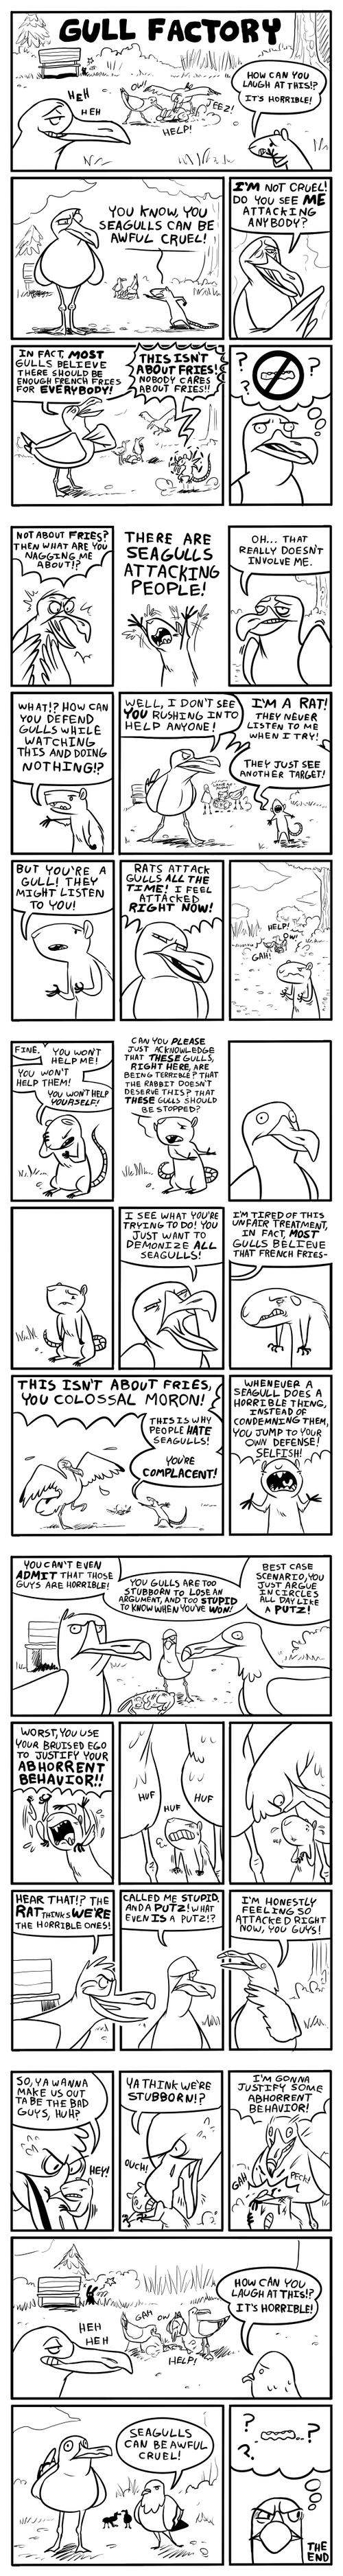 sad but true seagulls web comics - 8360898816